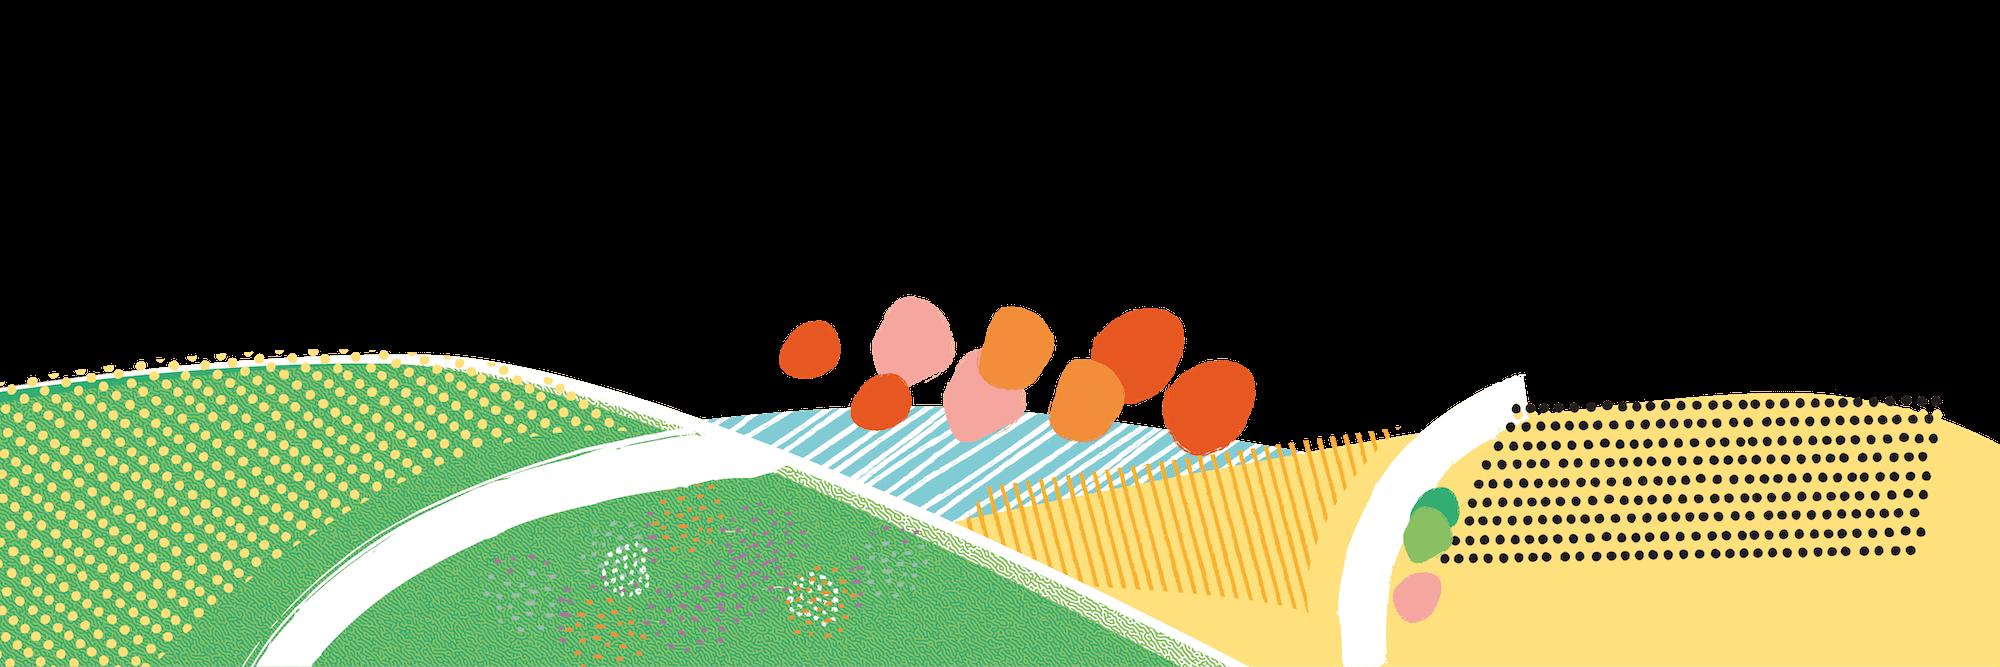 Un paysage de collines et de champs